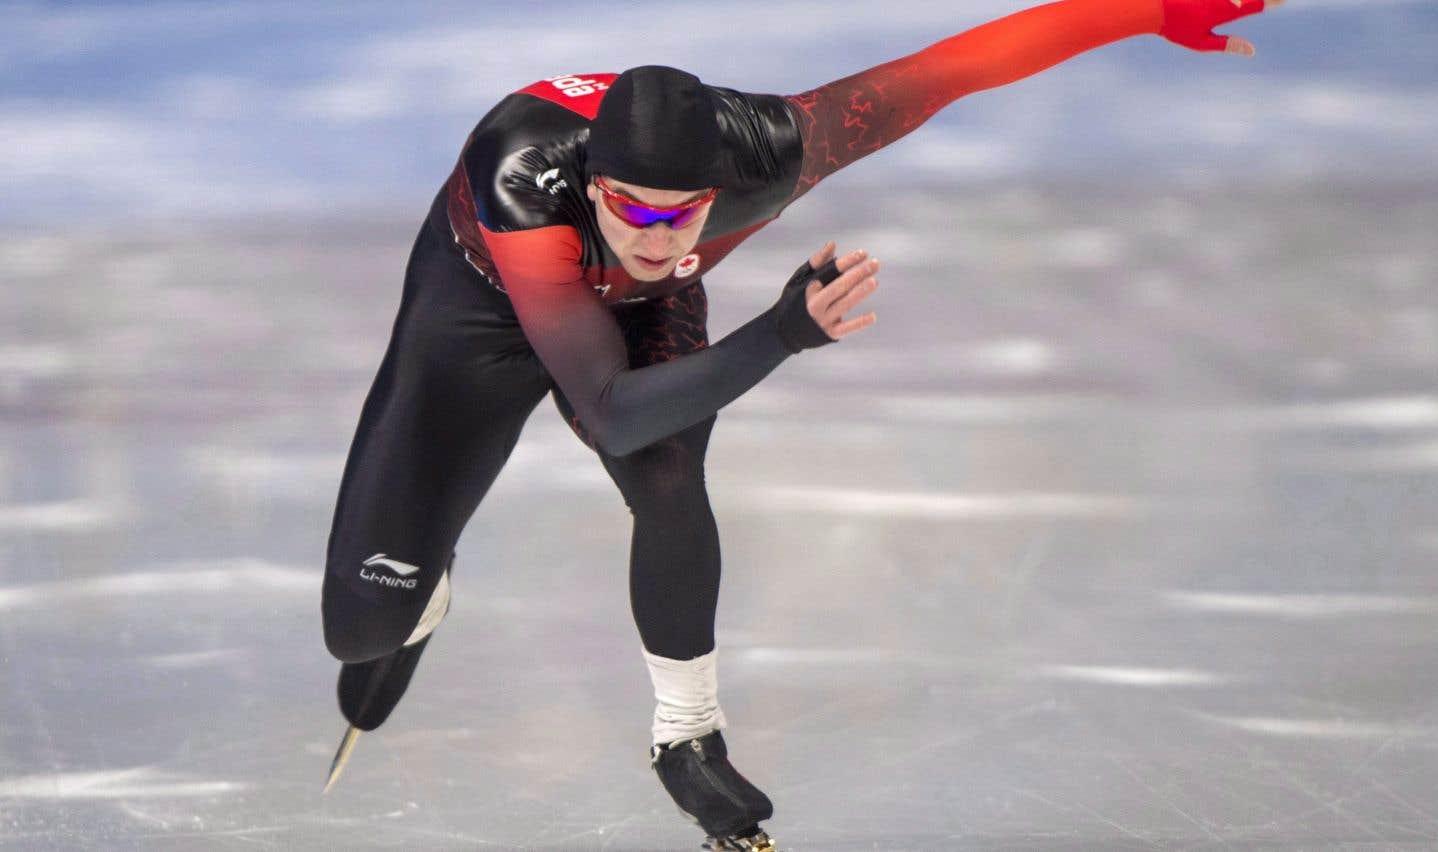 Alexandre St-Jean, de Québec, a pris le 11e rang avec un chrono d'une minute et 9,24 secondes (1:09,24).